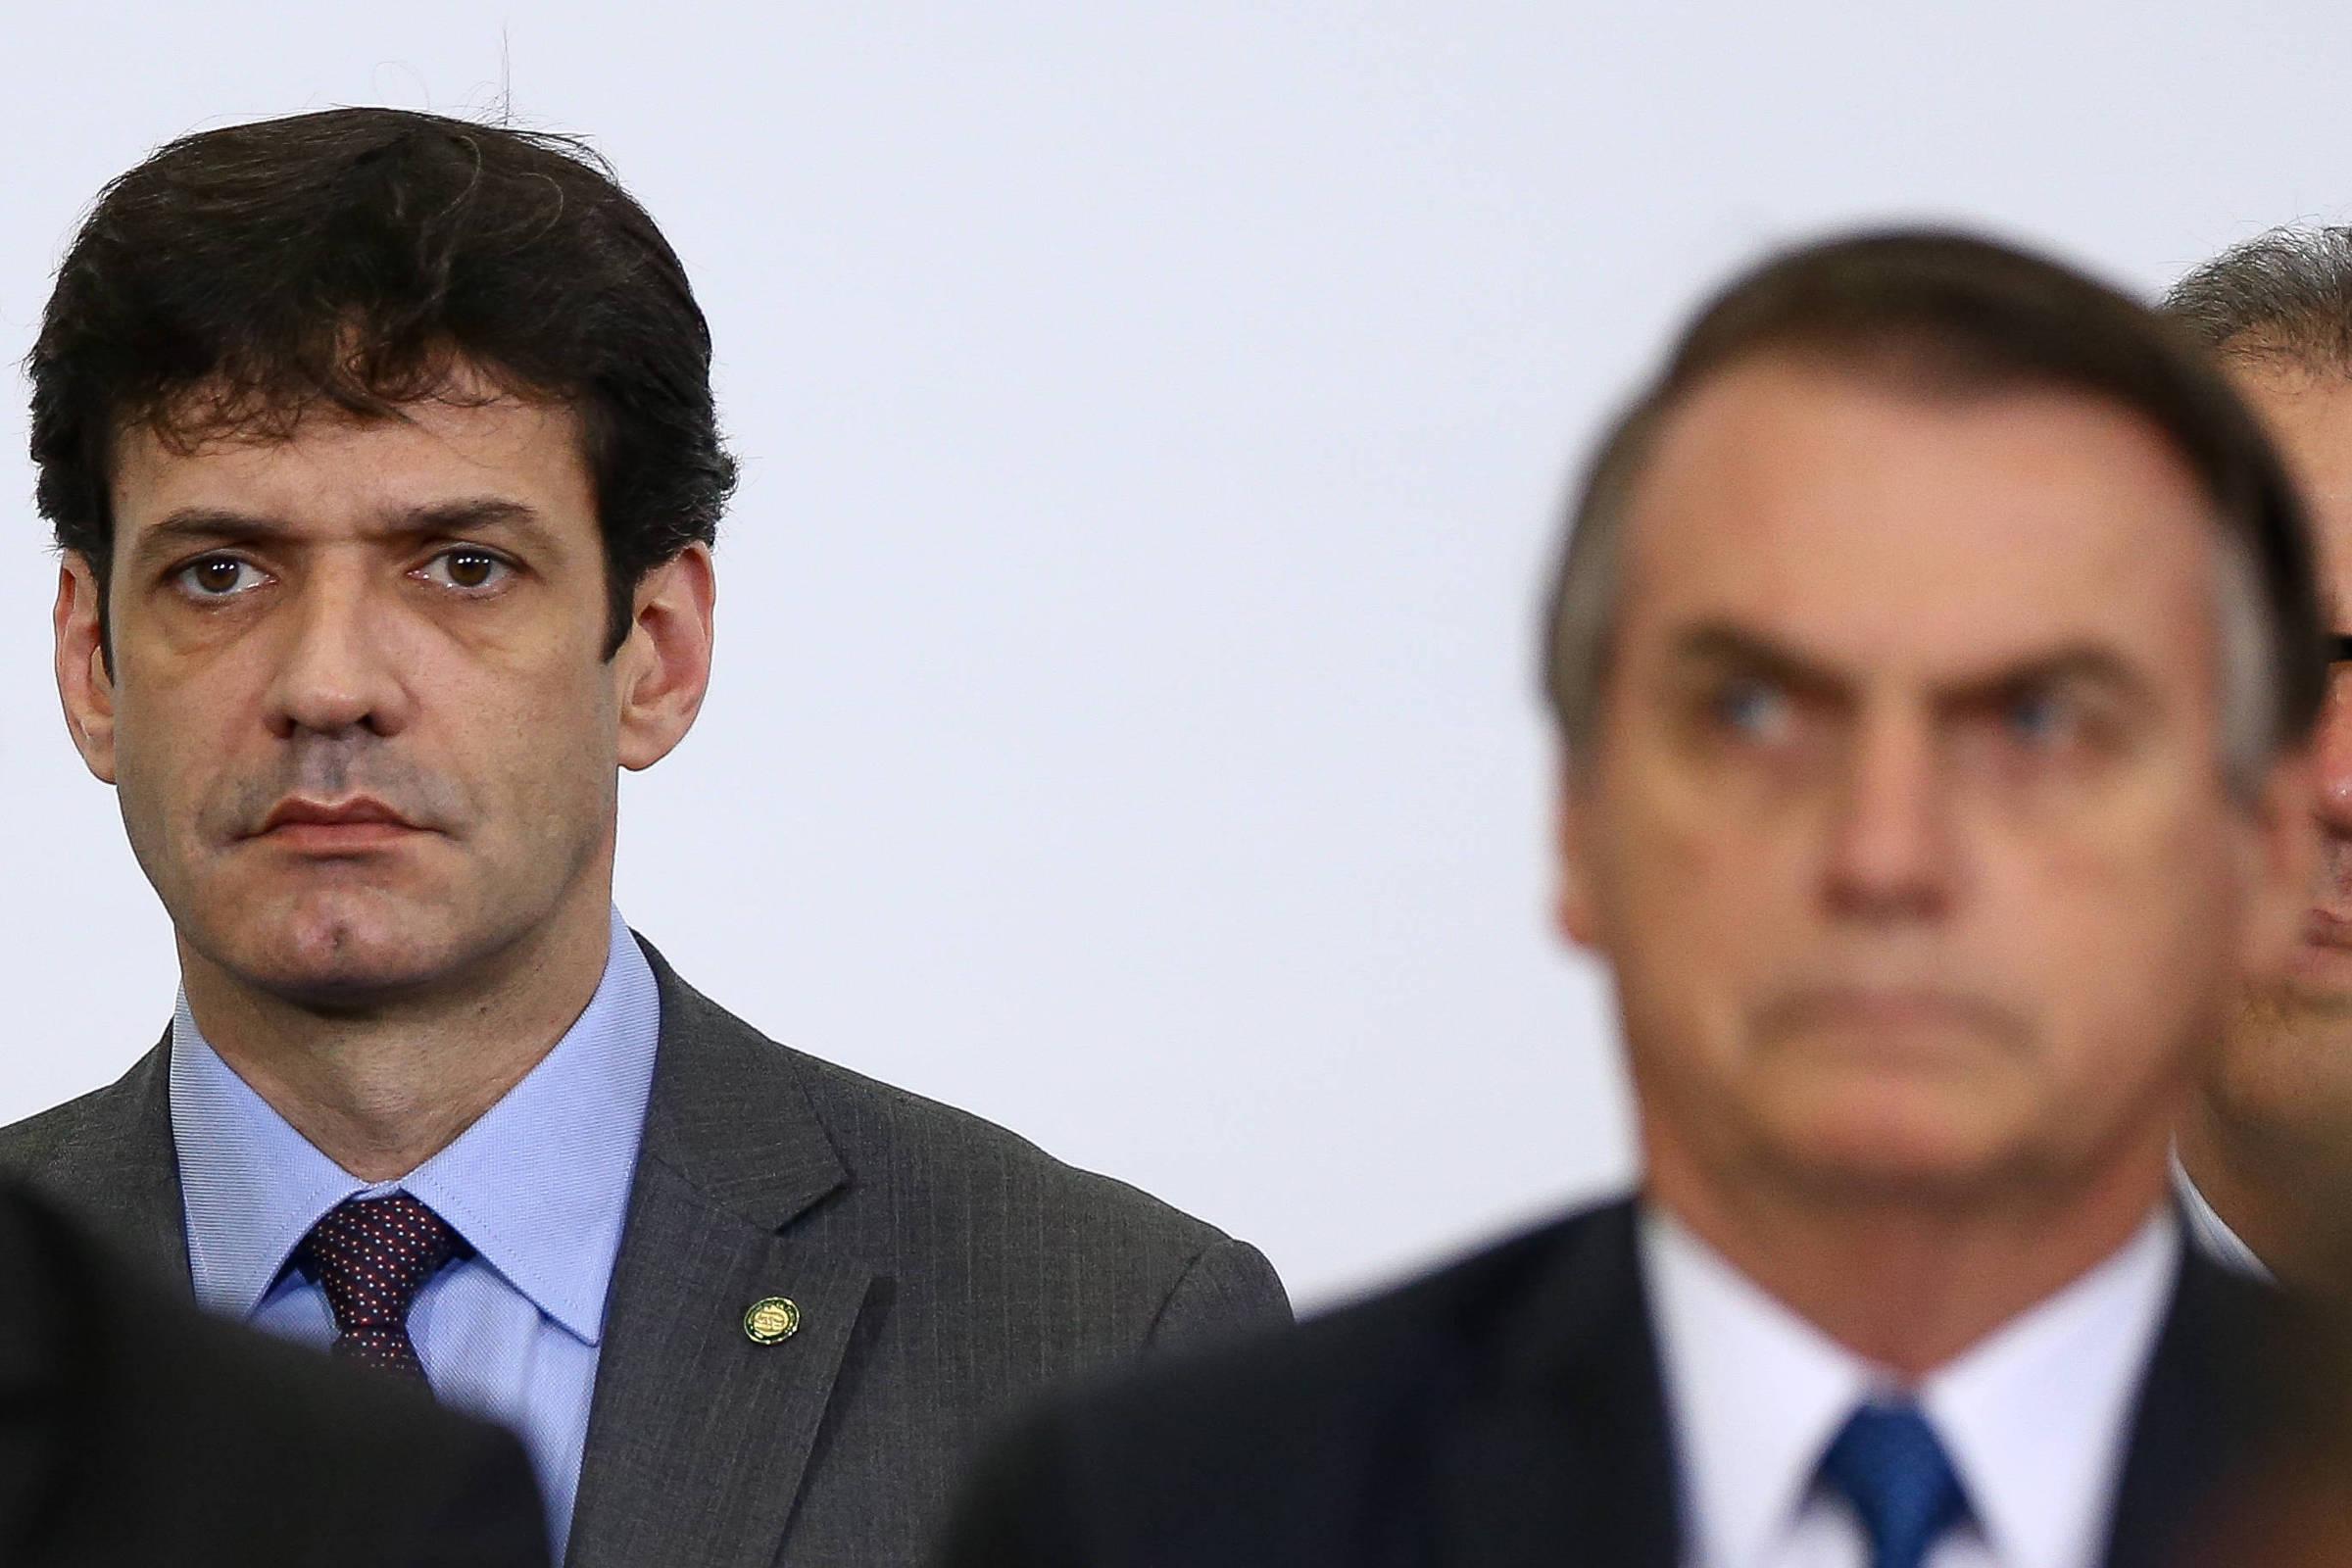 Análise: Prisão de assessores encurrala ministro e pressiona Bolsonaro a tomar decisão